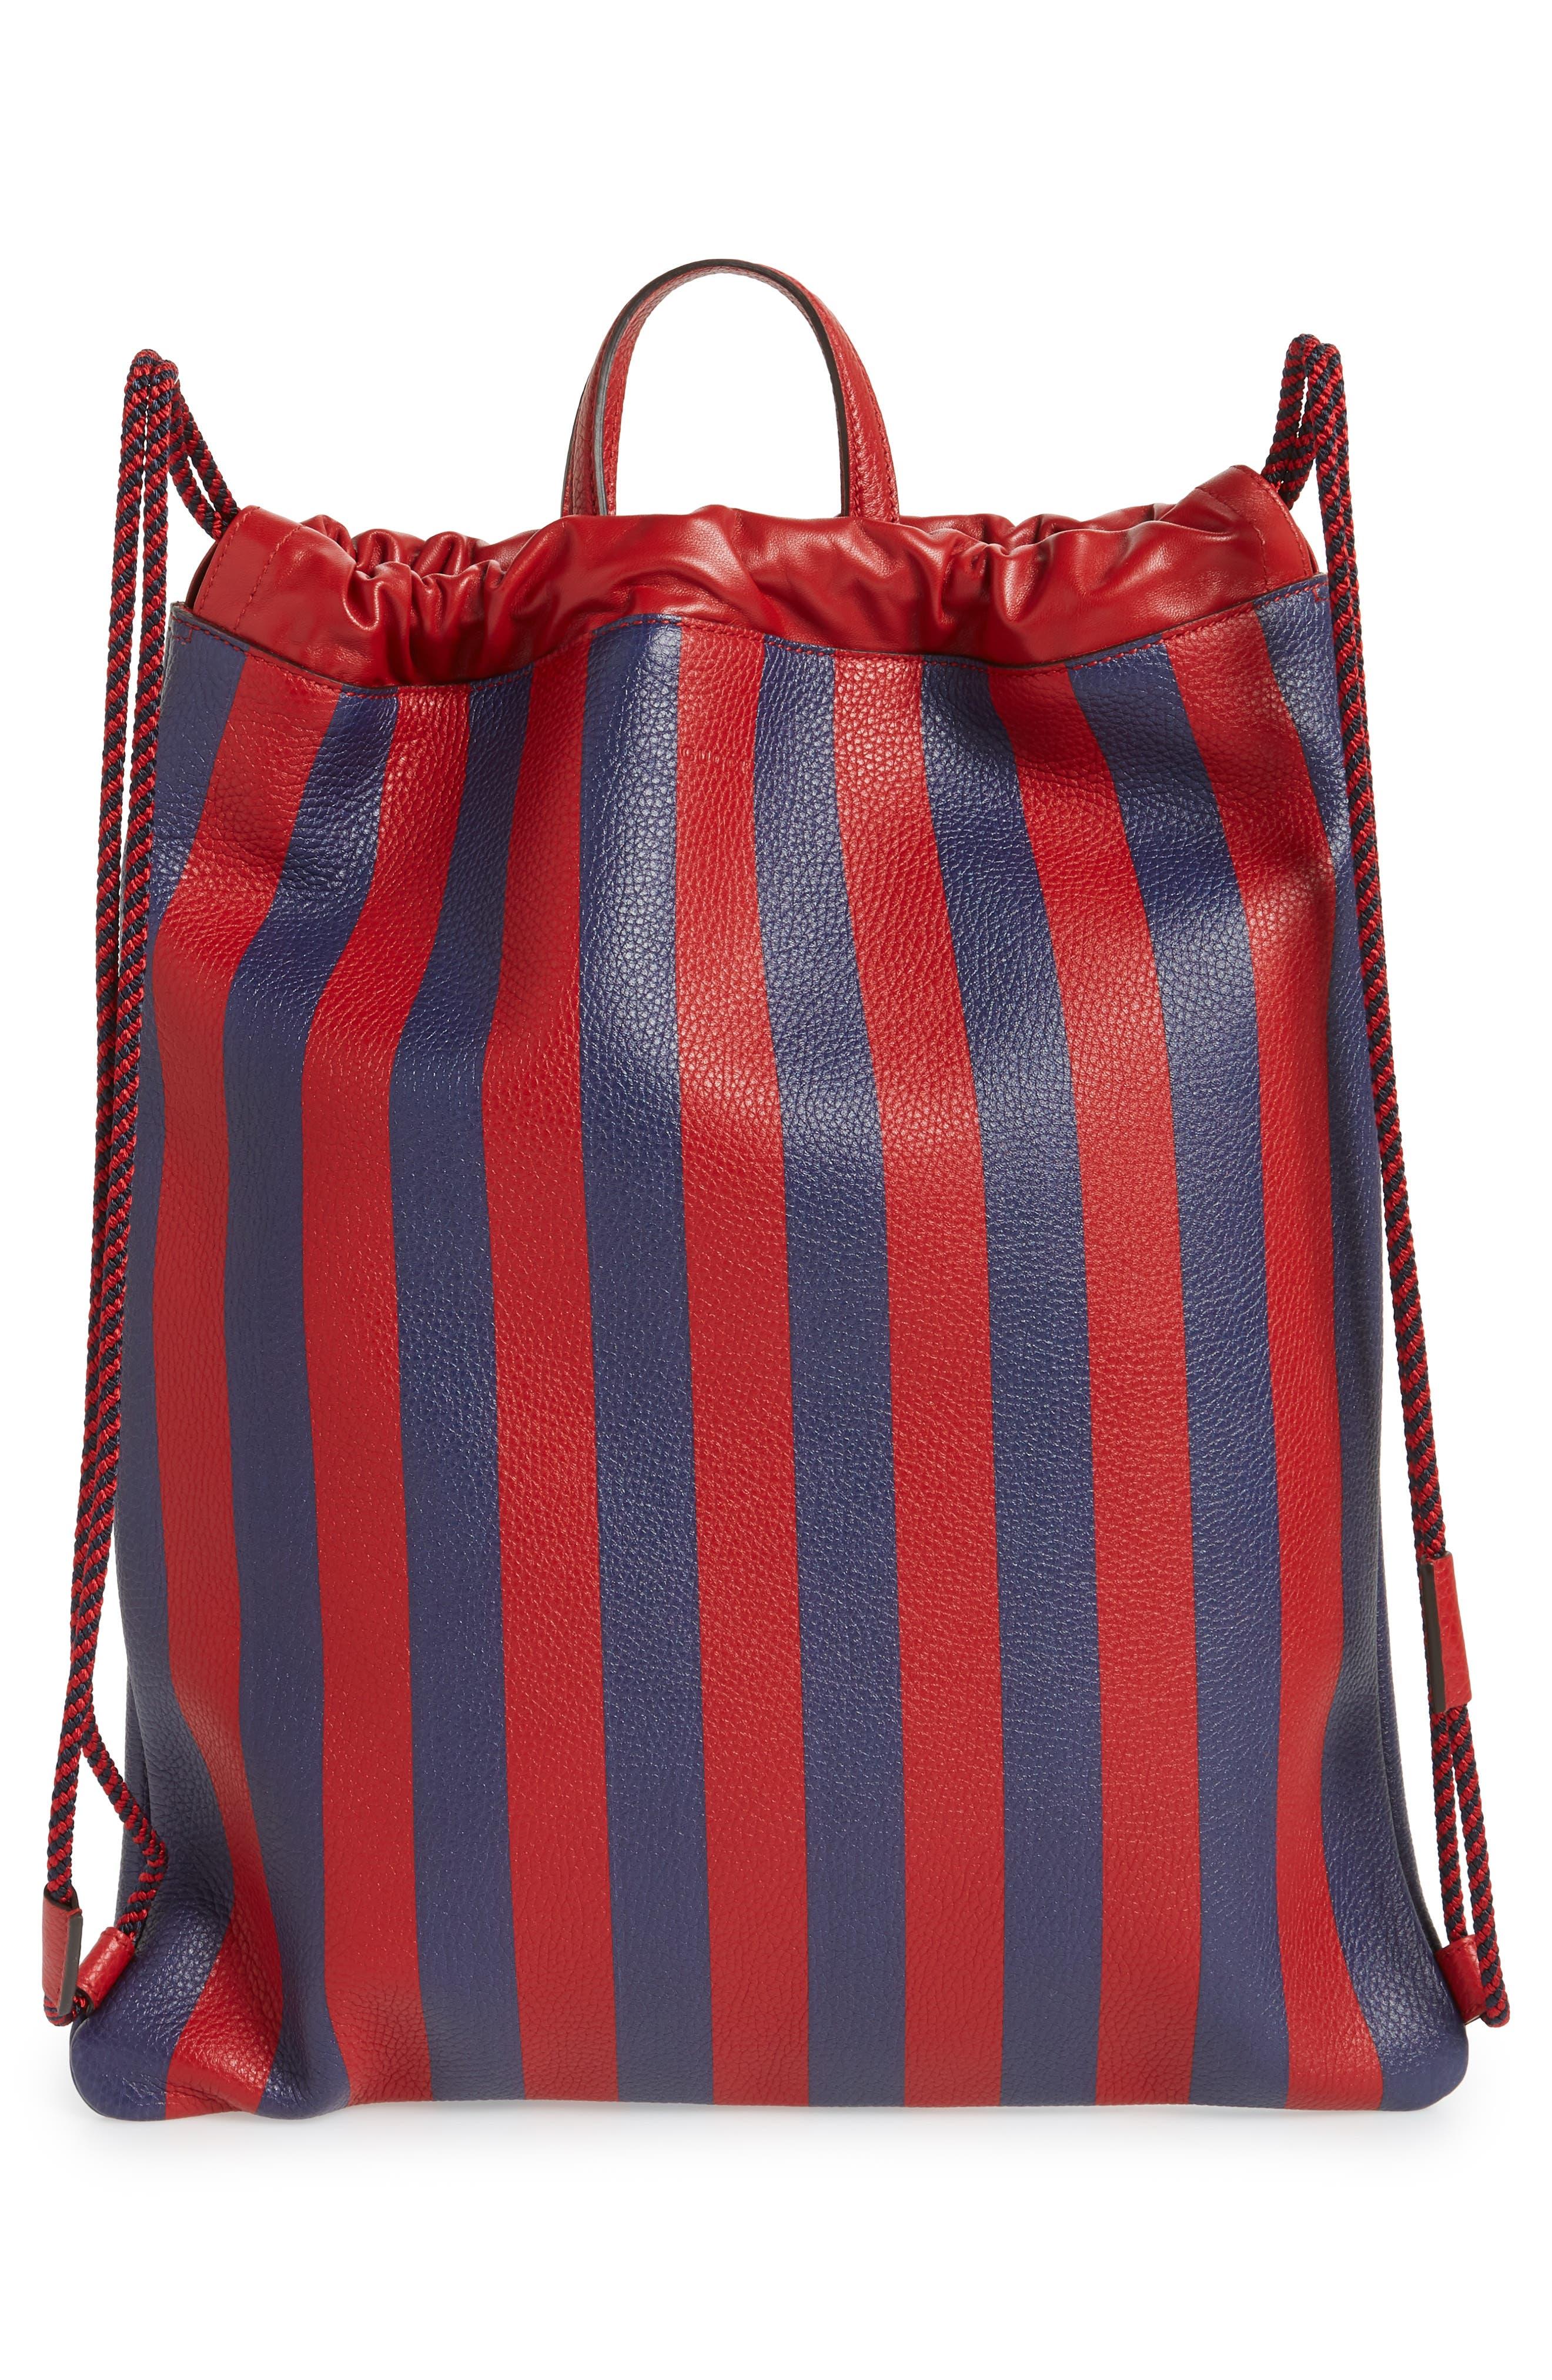 Kingsnake Stripe Leather Drawstring Backpack,                             Alternate thumbnail 3, color,                             RED